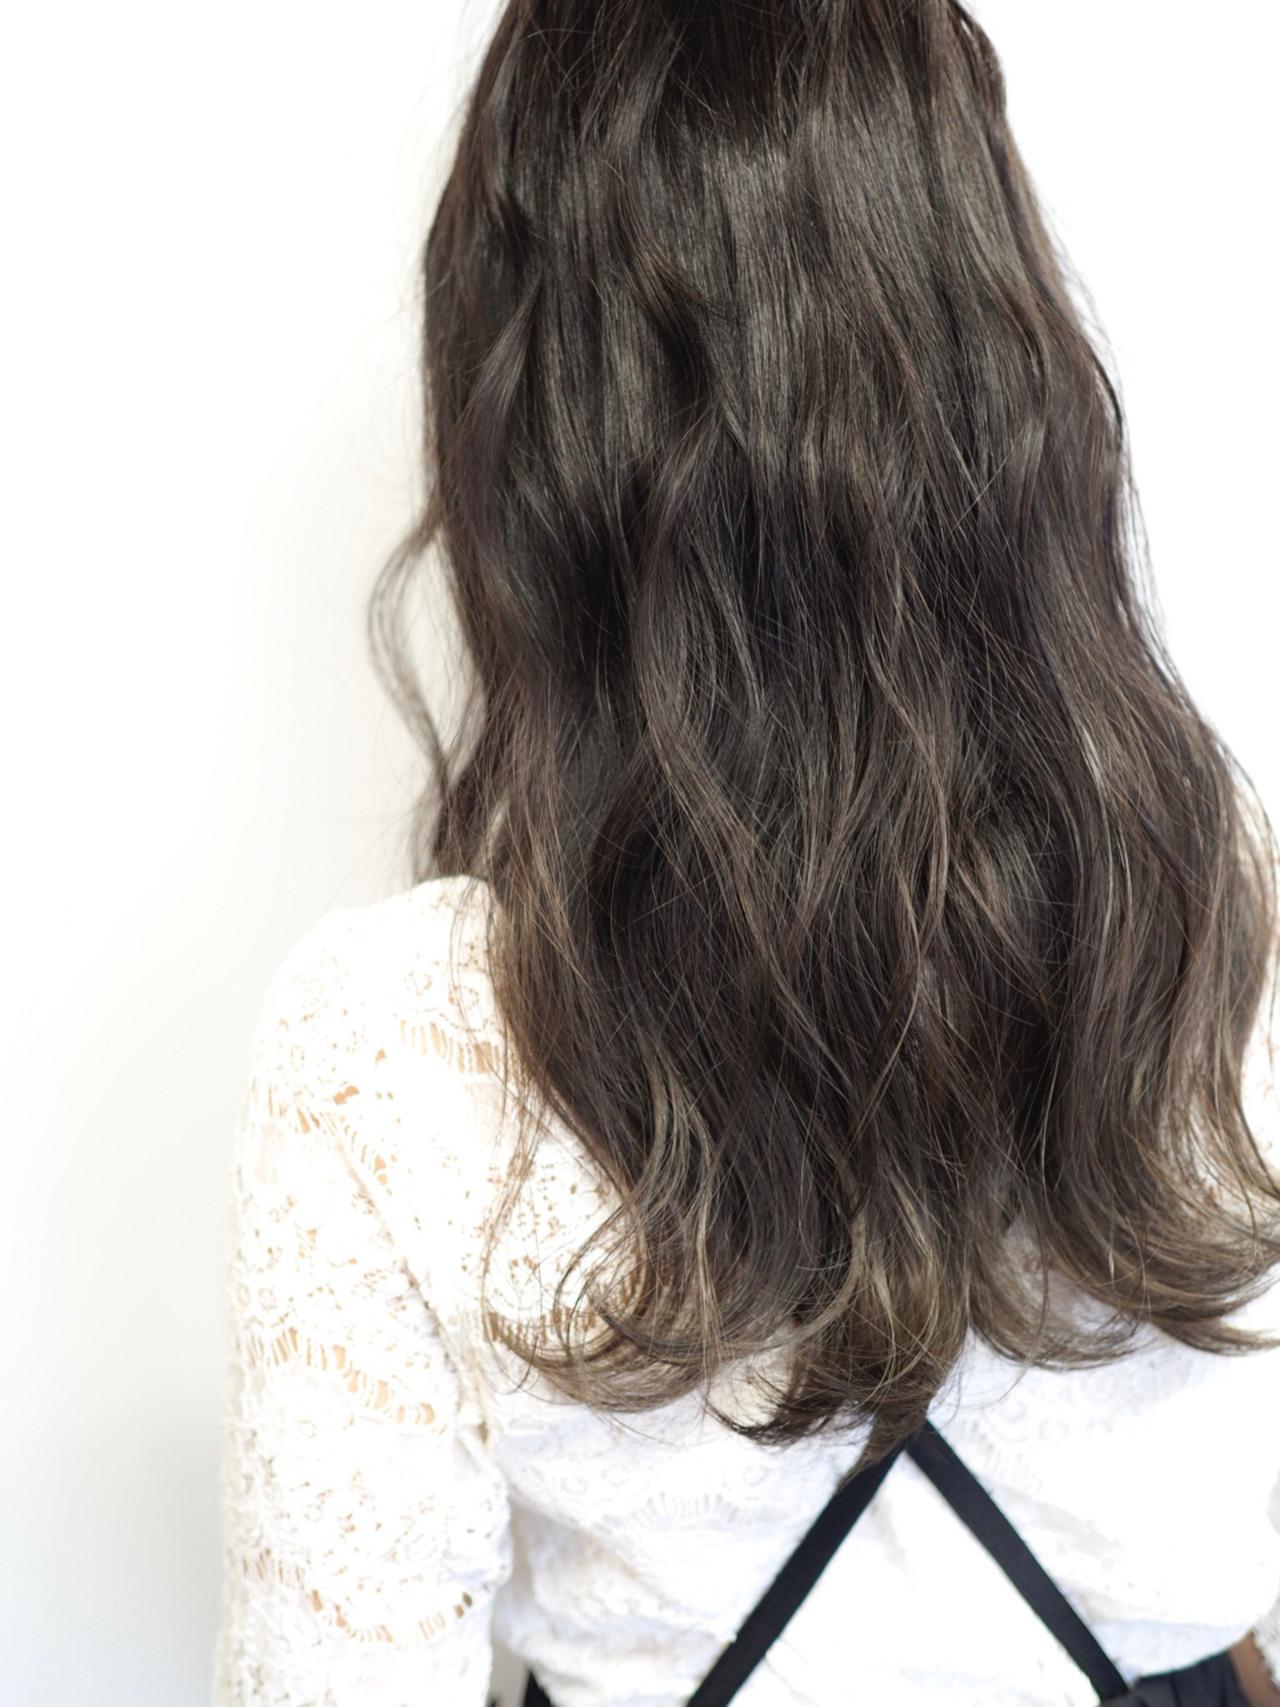 透明感 デート ナチュラル 秋 ヘアスタイルや髪型の写真・画像 | 西村涼 / airsalon